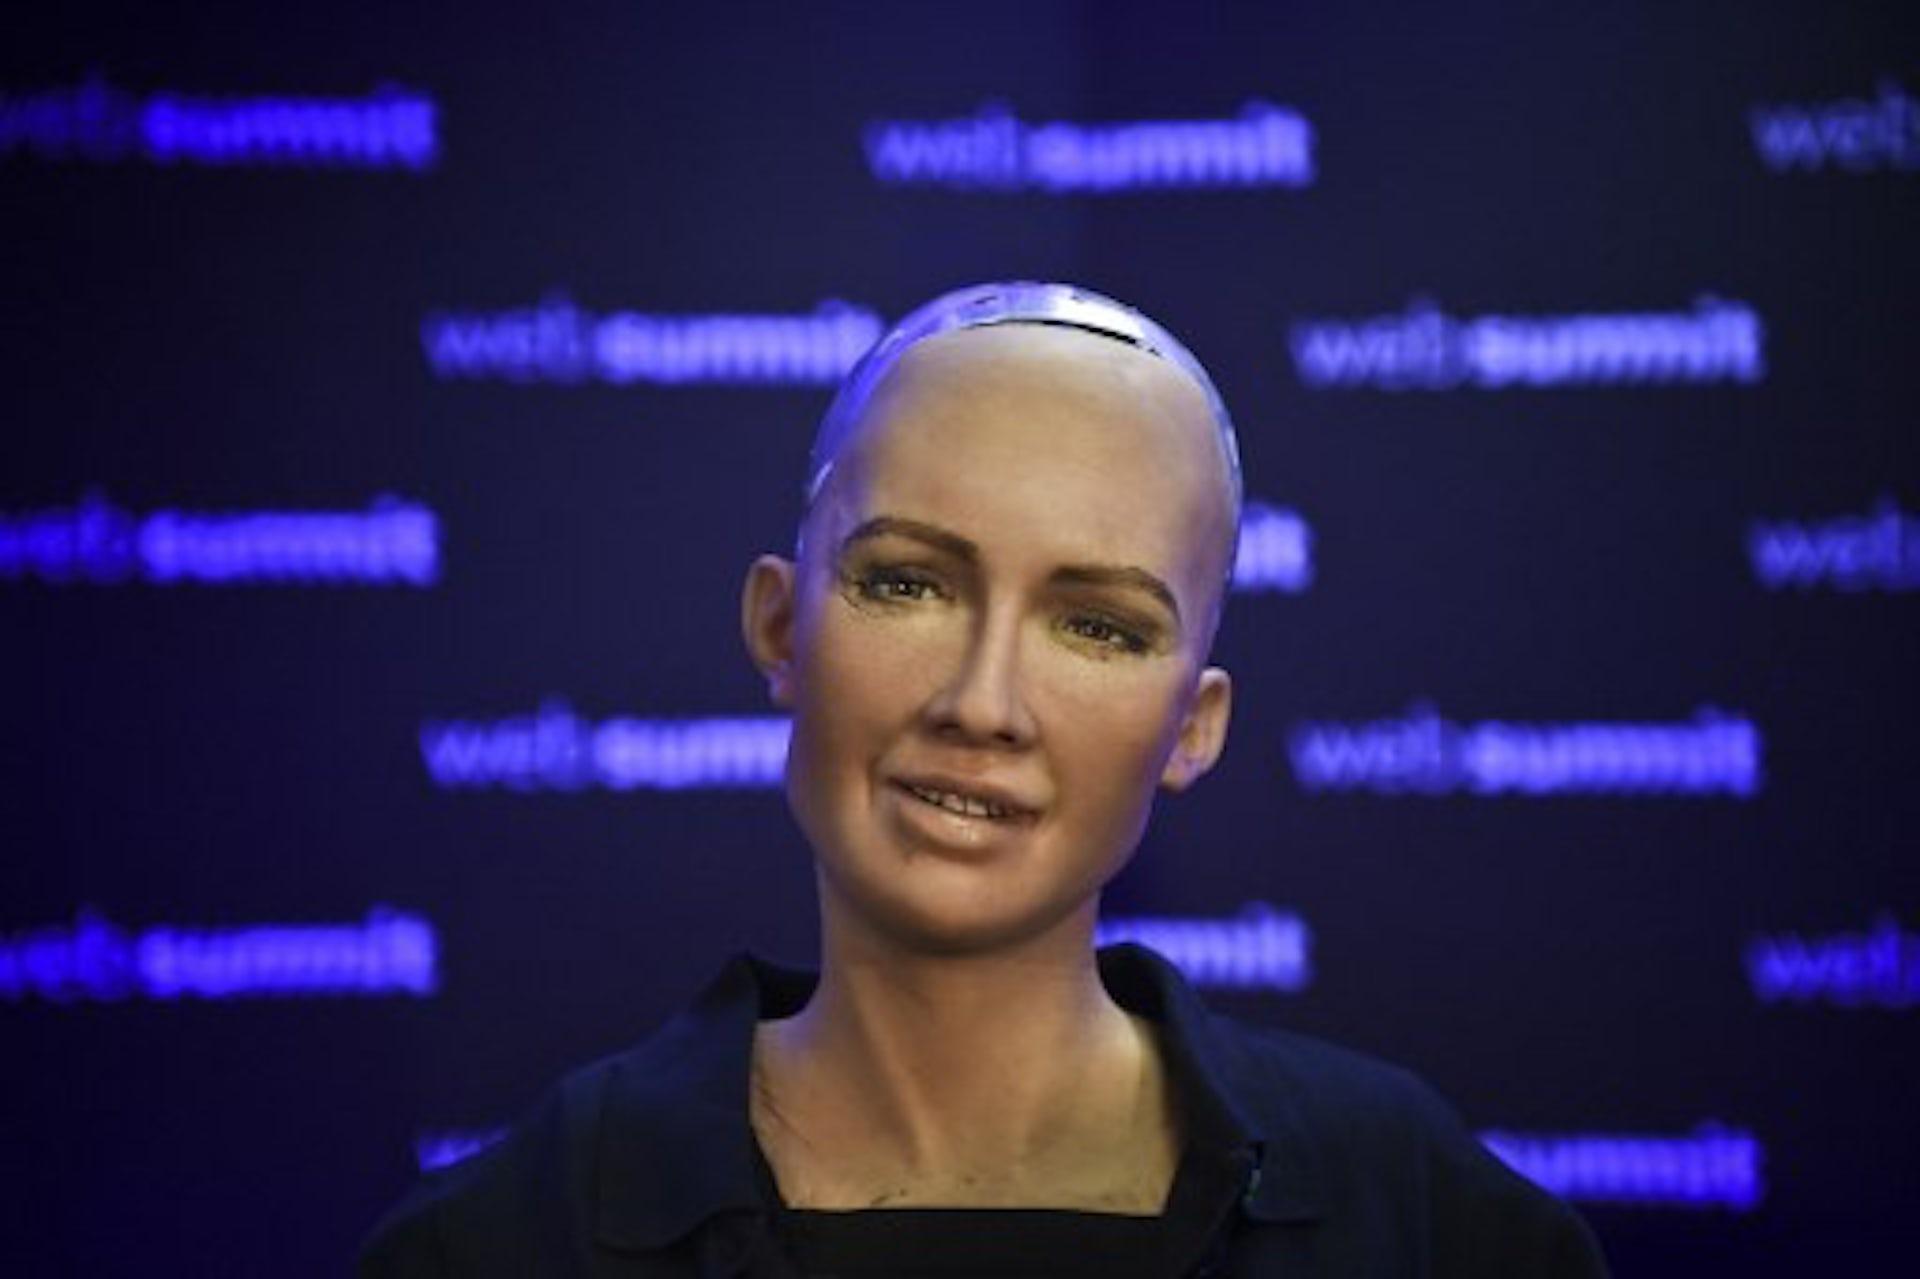 Le robot-humanoïde Sophia, révélateur de notre rapport à l'intelligence artificielle